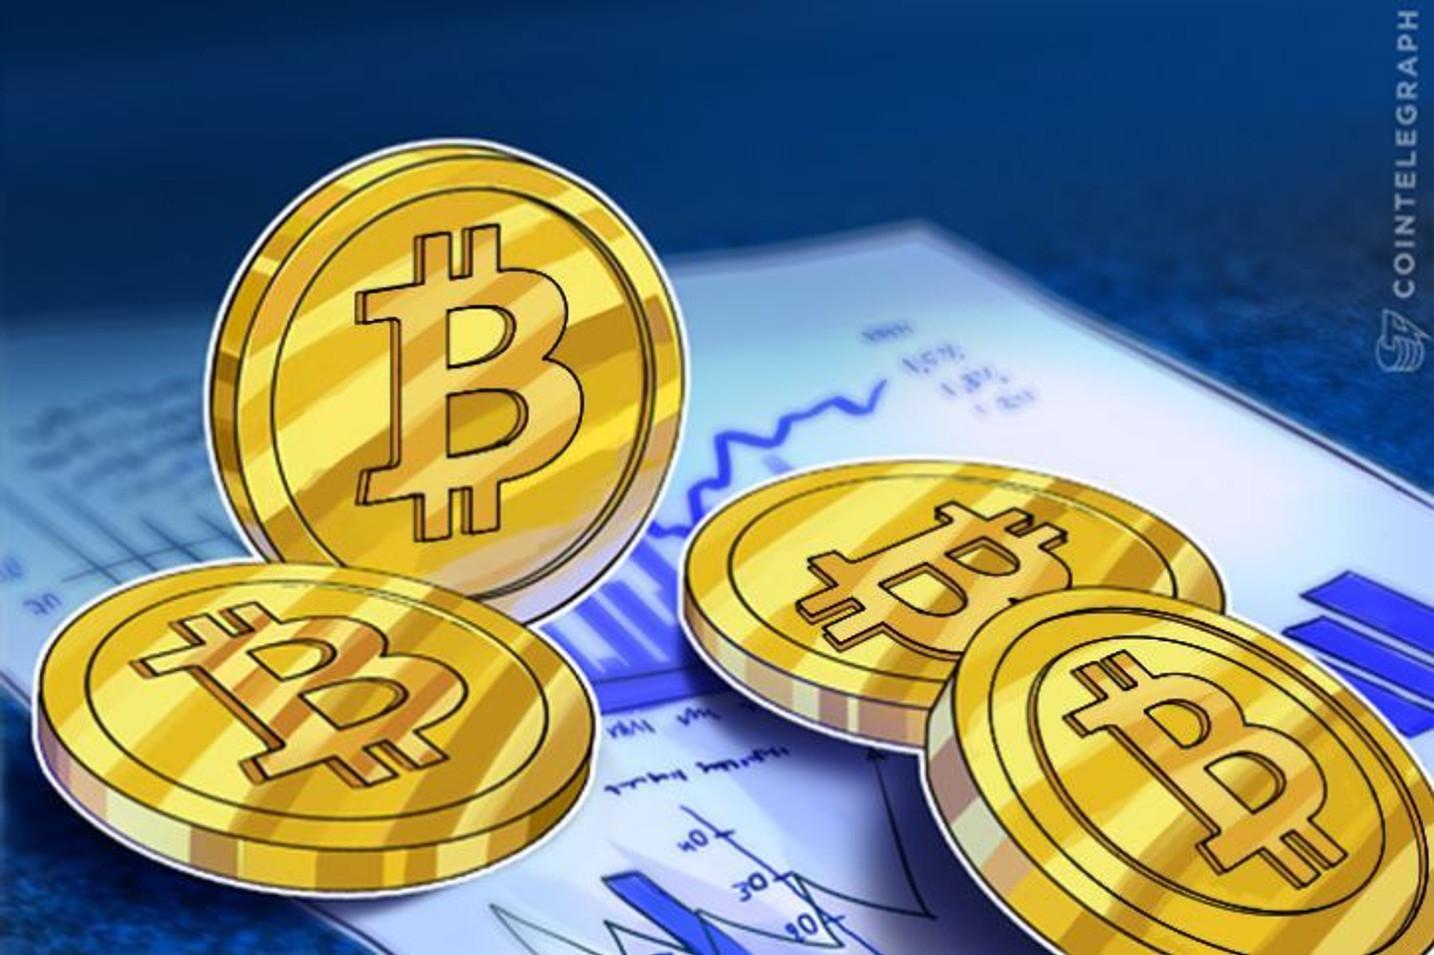 Keiser prevé un récord Bitcoin de $100,000